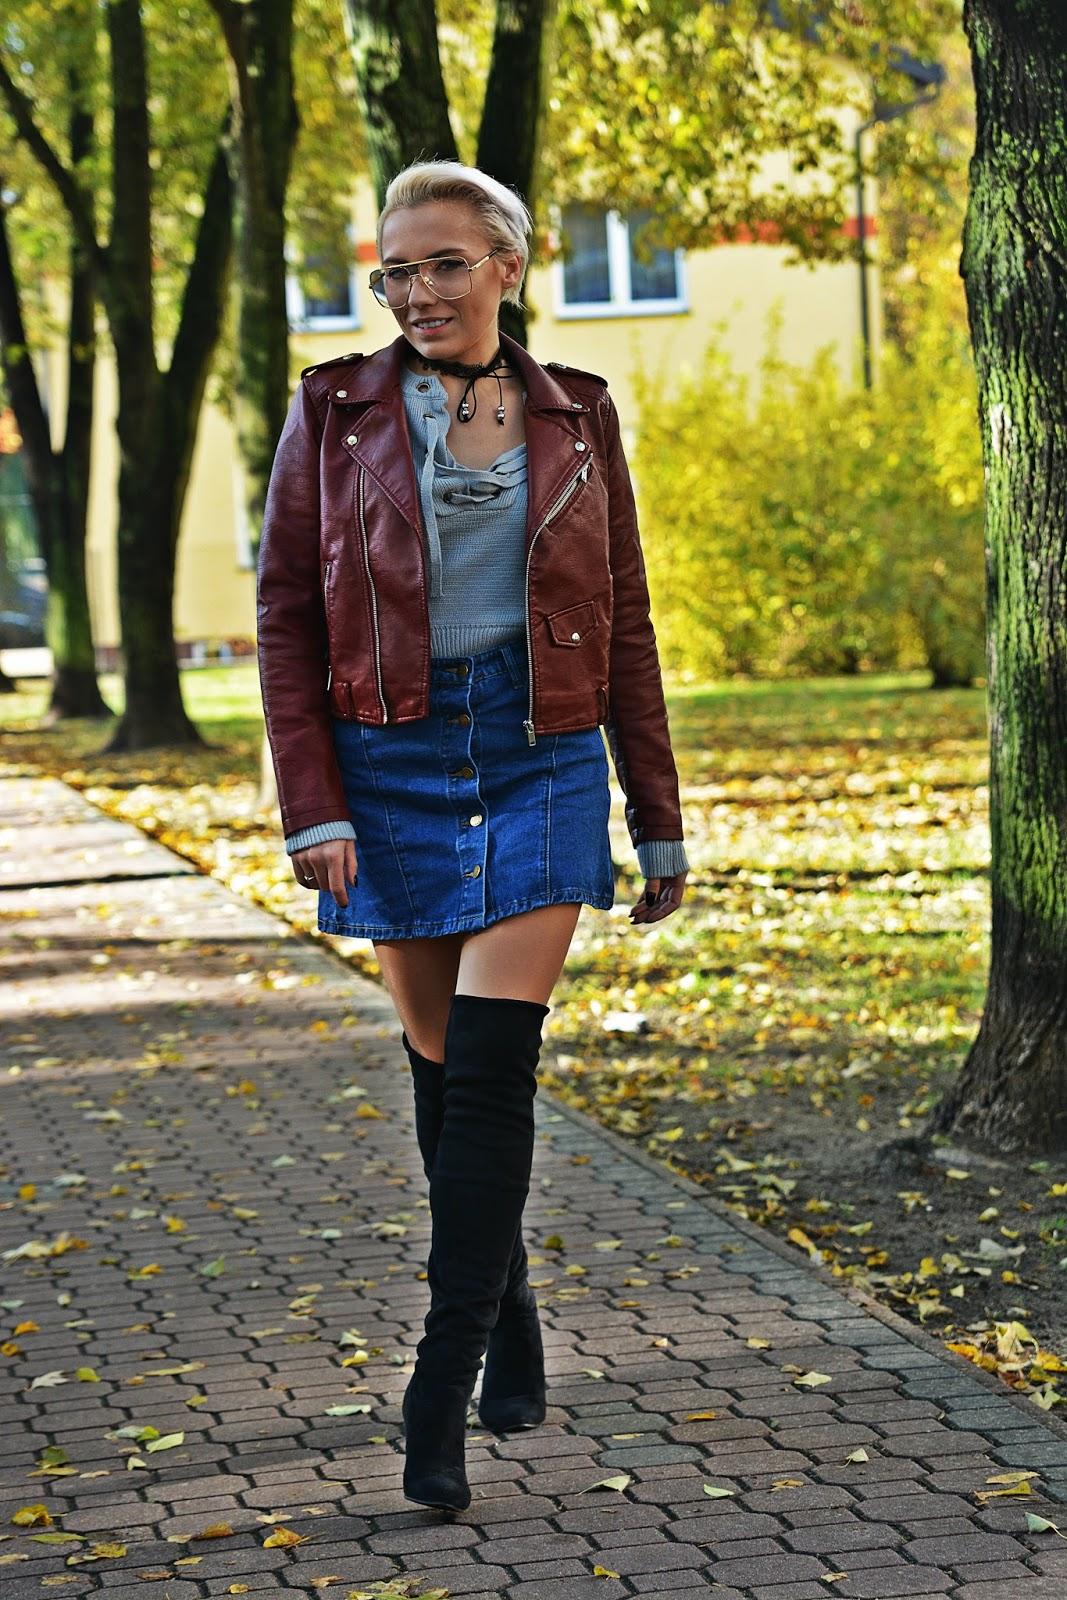 szary_plaszcz_spodnica_jeans_guziki_bordowa_ramoneska_karyn78